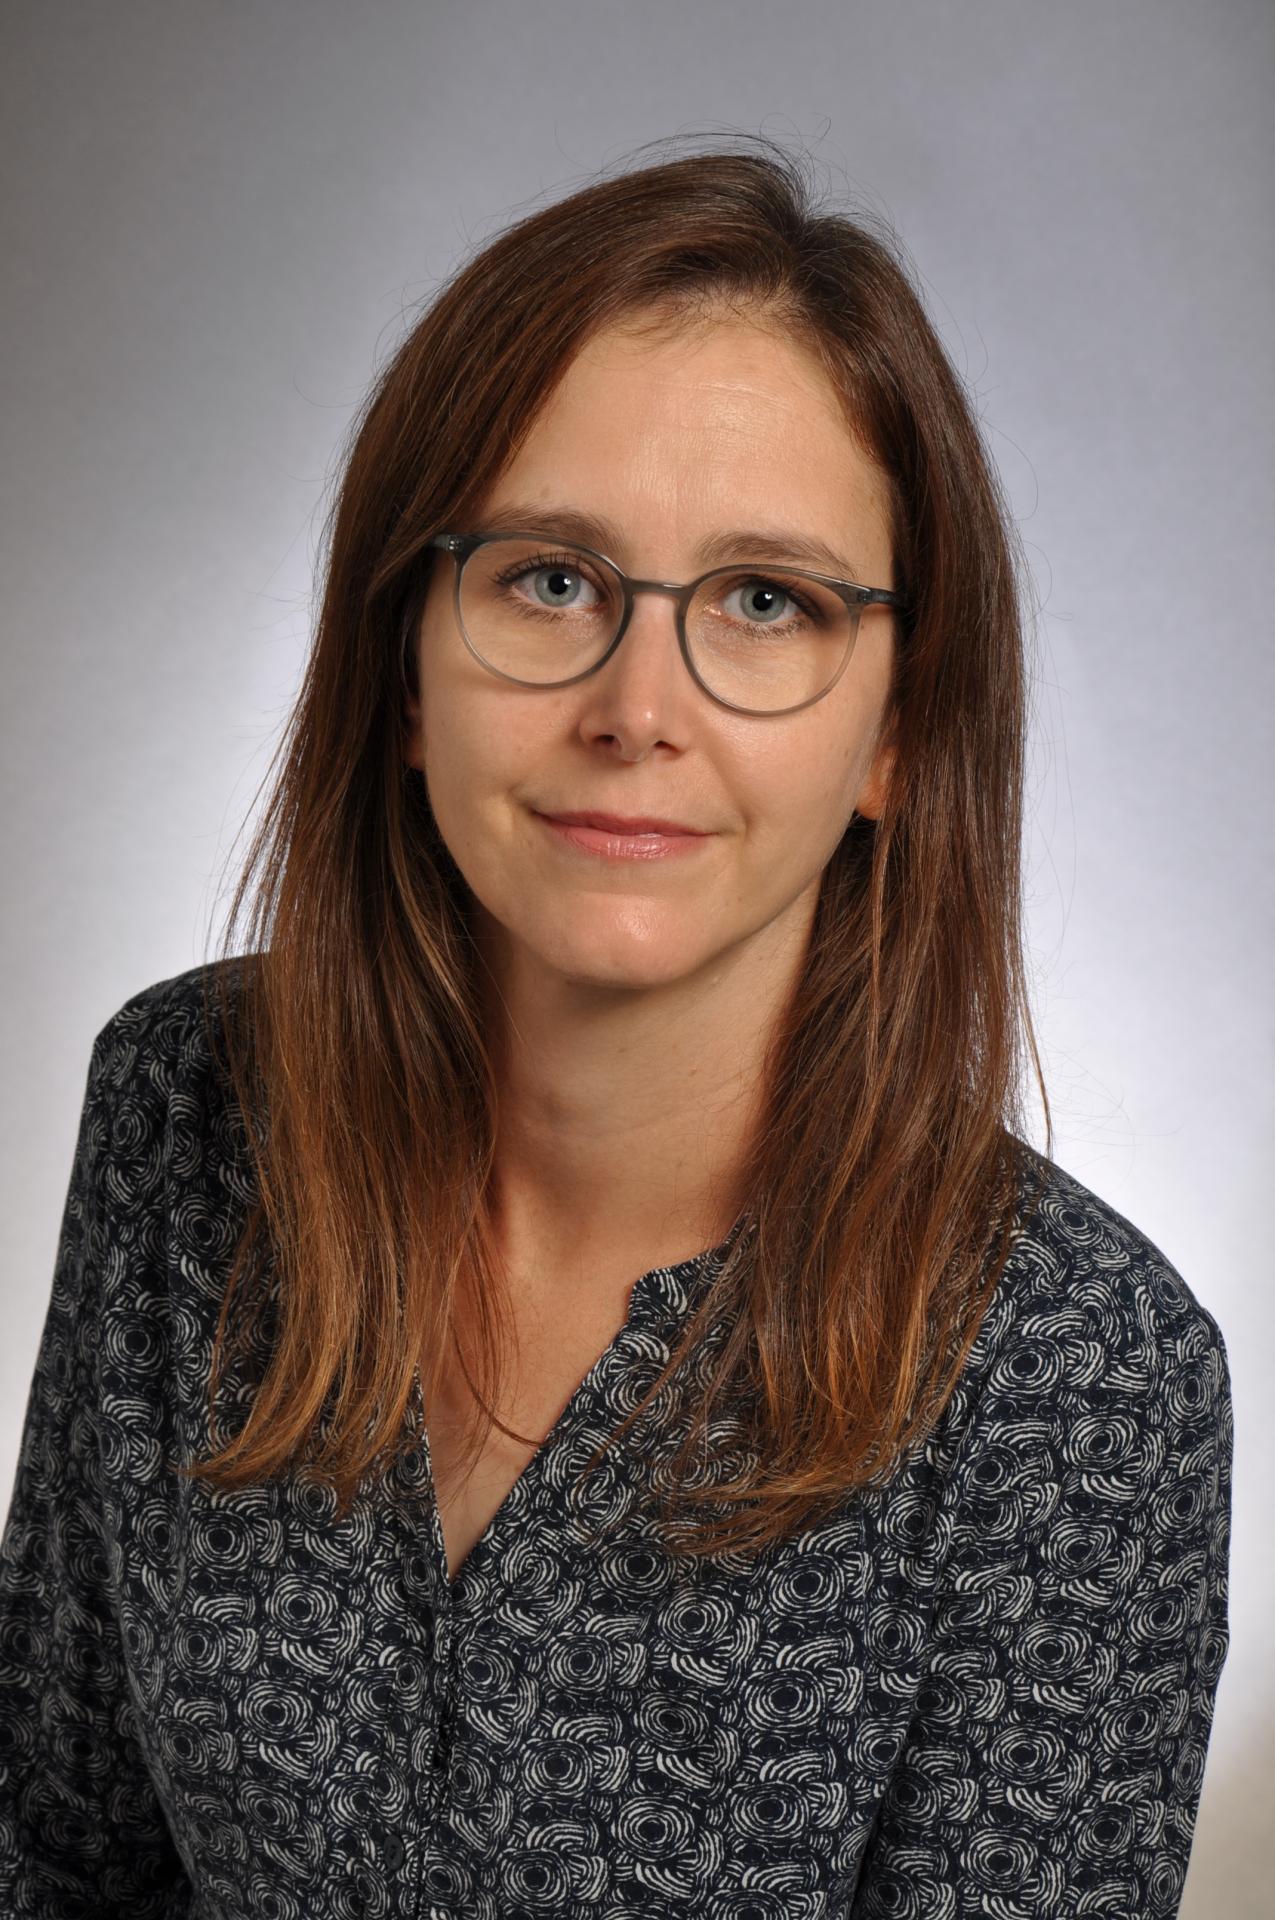 Frau Bachon-Steffens